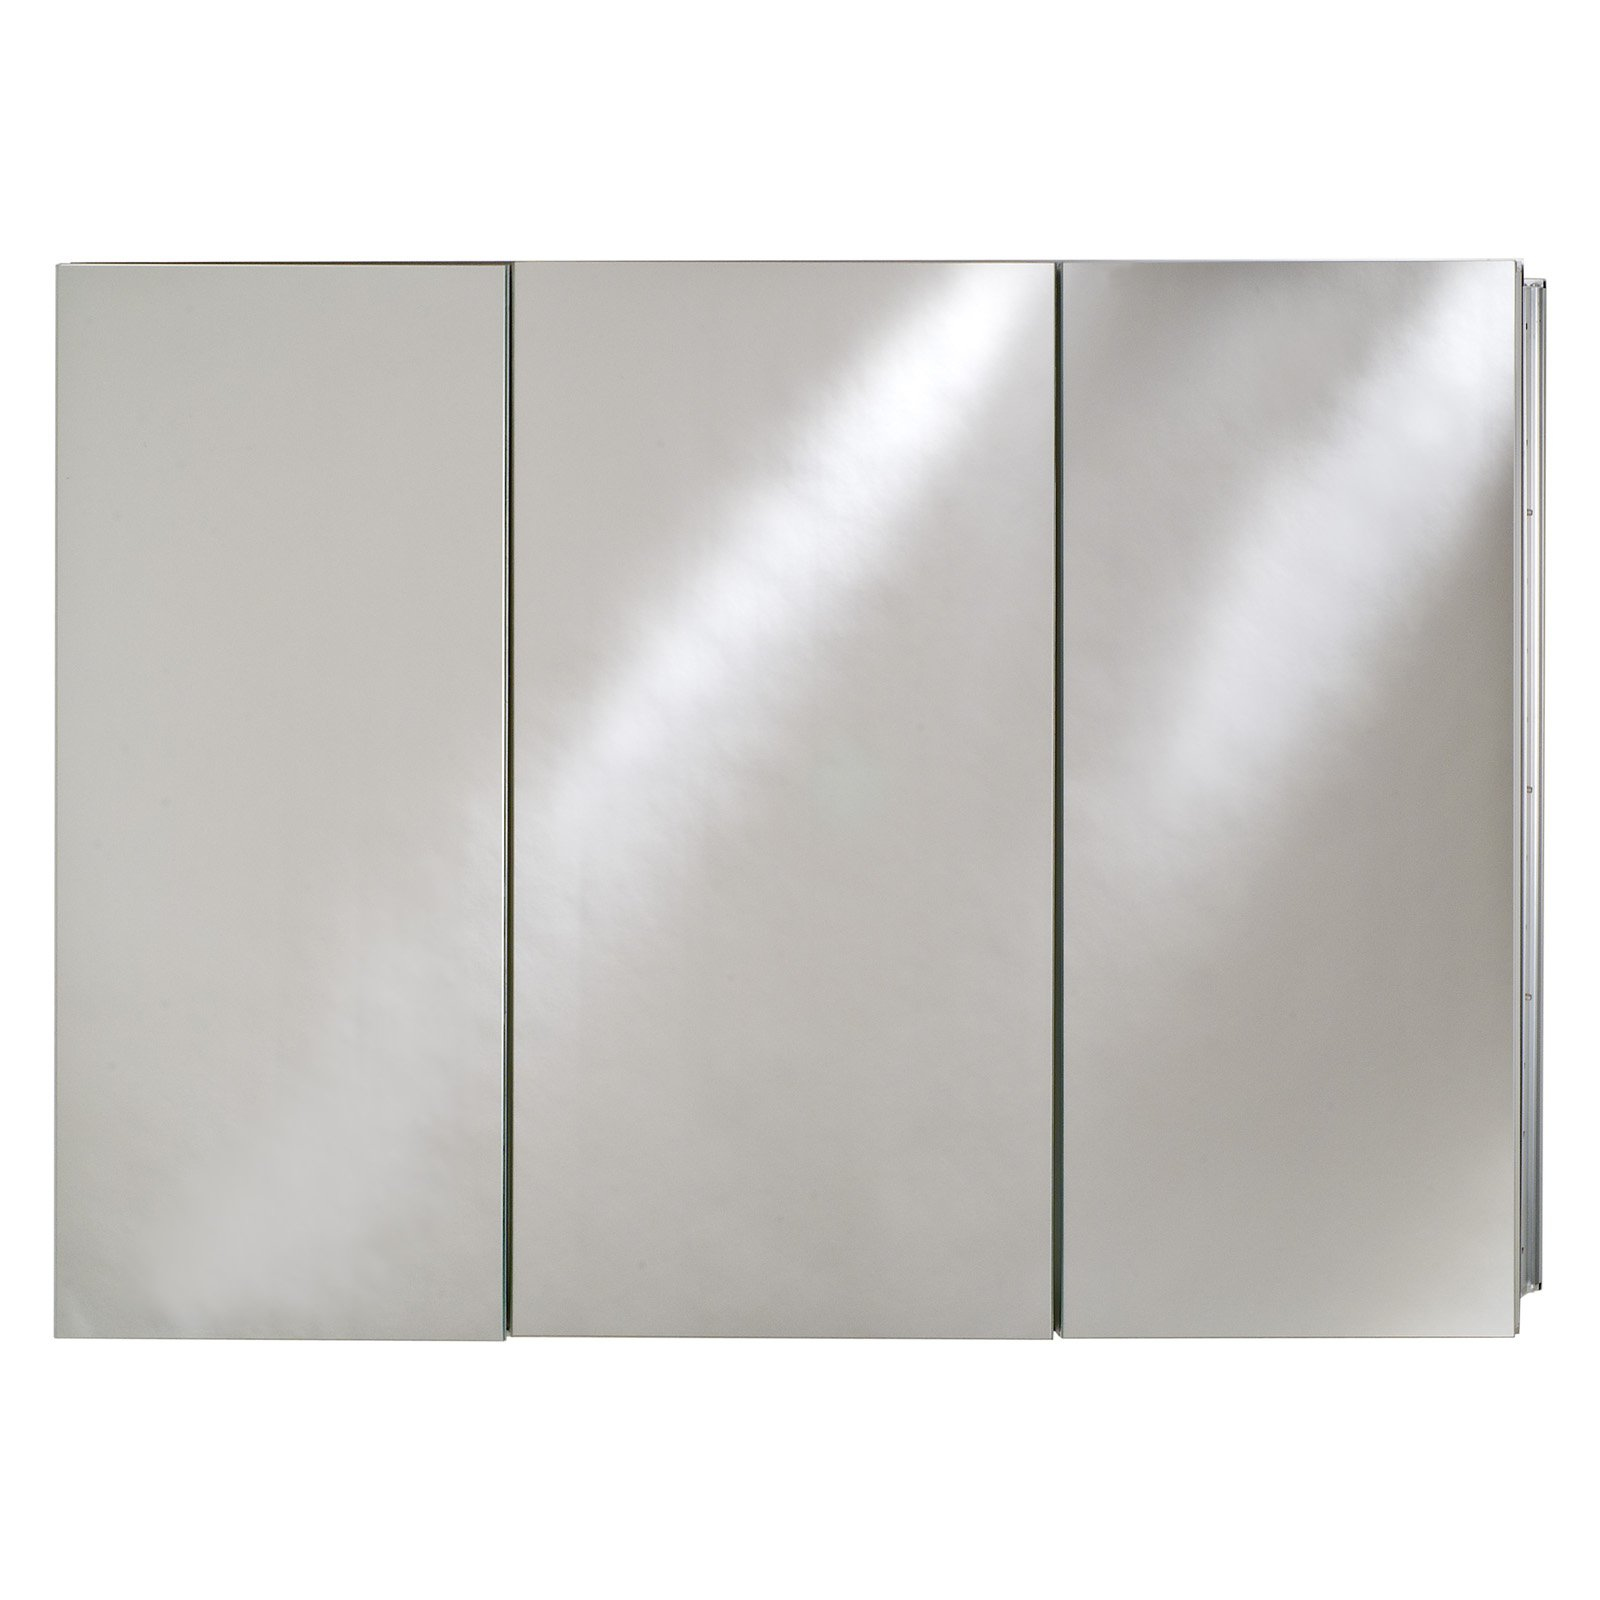 Afina Broadway Recessed Triple Door Medicine Cabinet - 48W x 4D x 30H in.